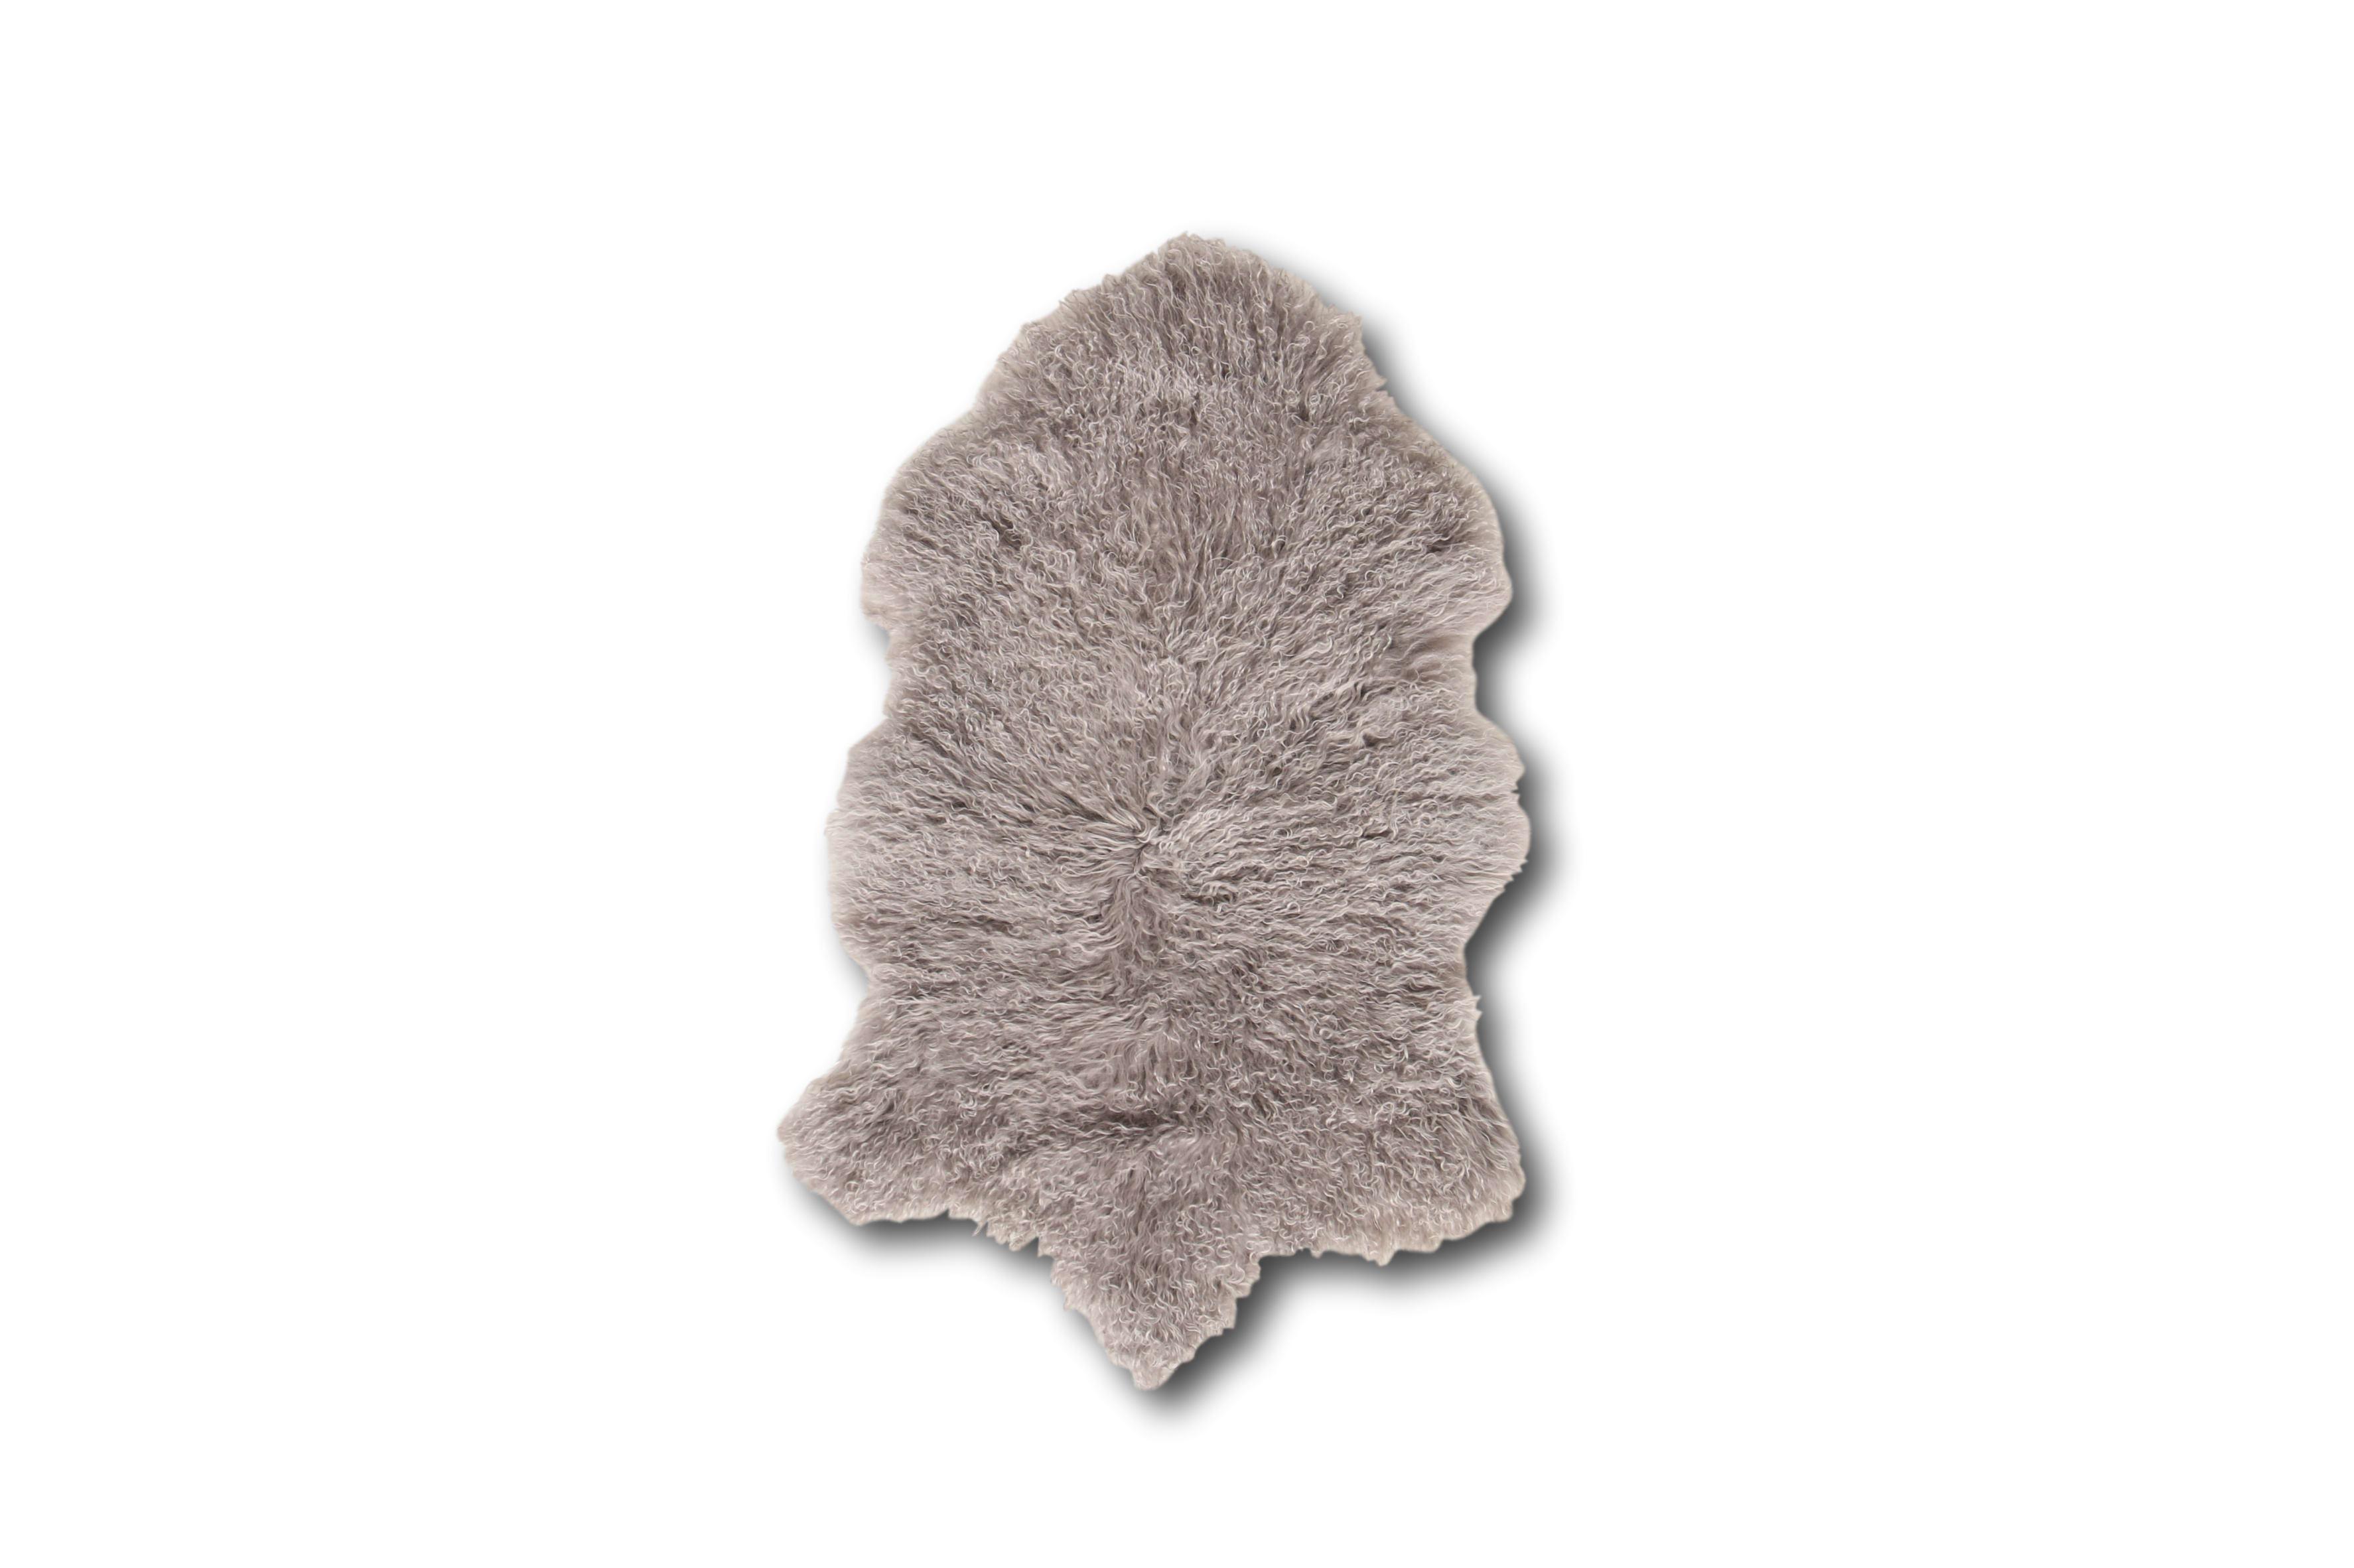 Esbeco Tapis en peau de mouton tibétain curl gris clair 80x50